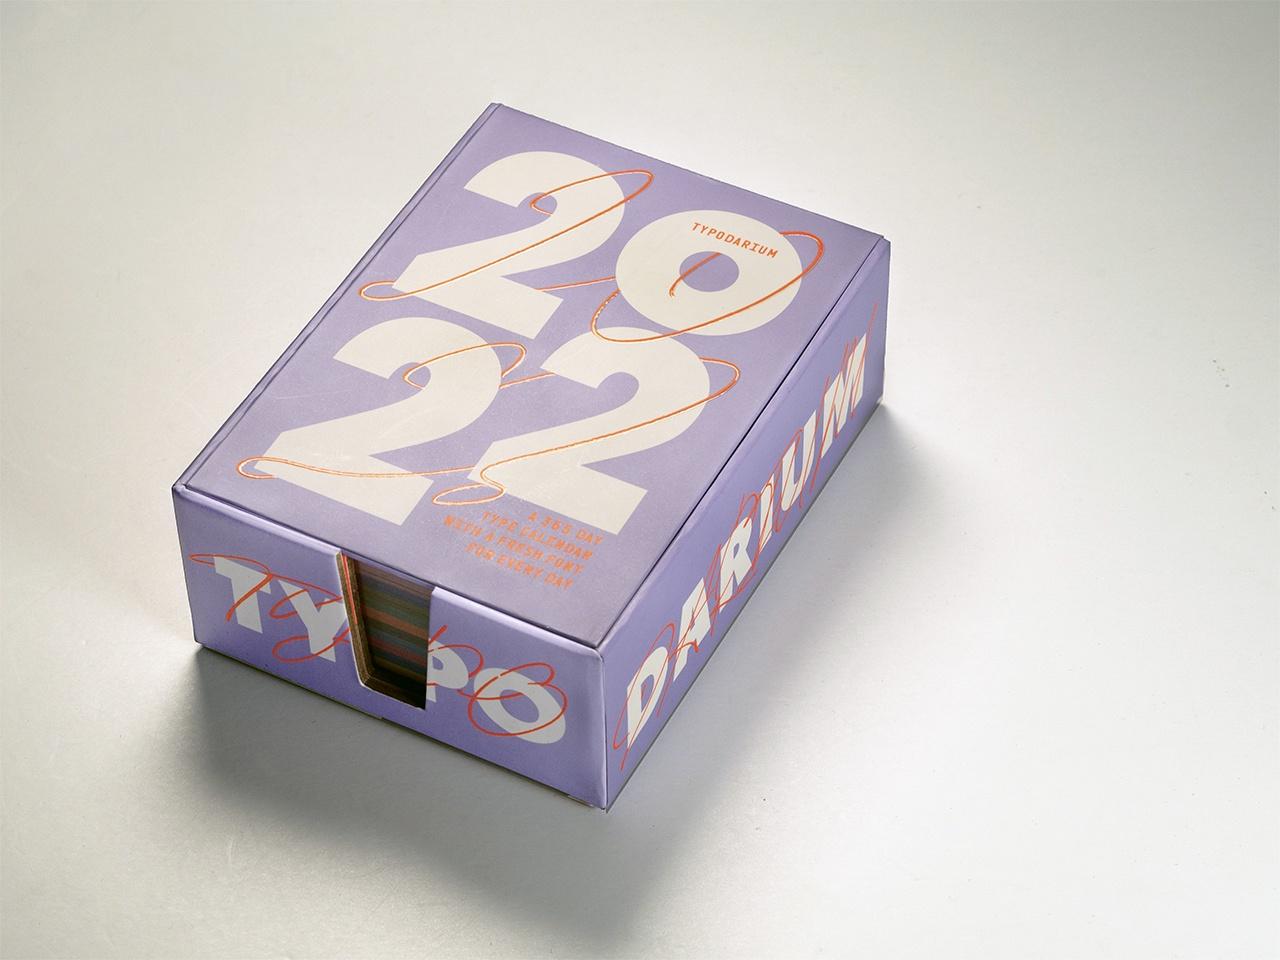 Gestaltung vom Typodarium Kalender 2022